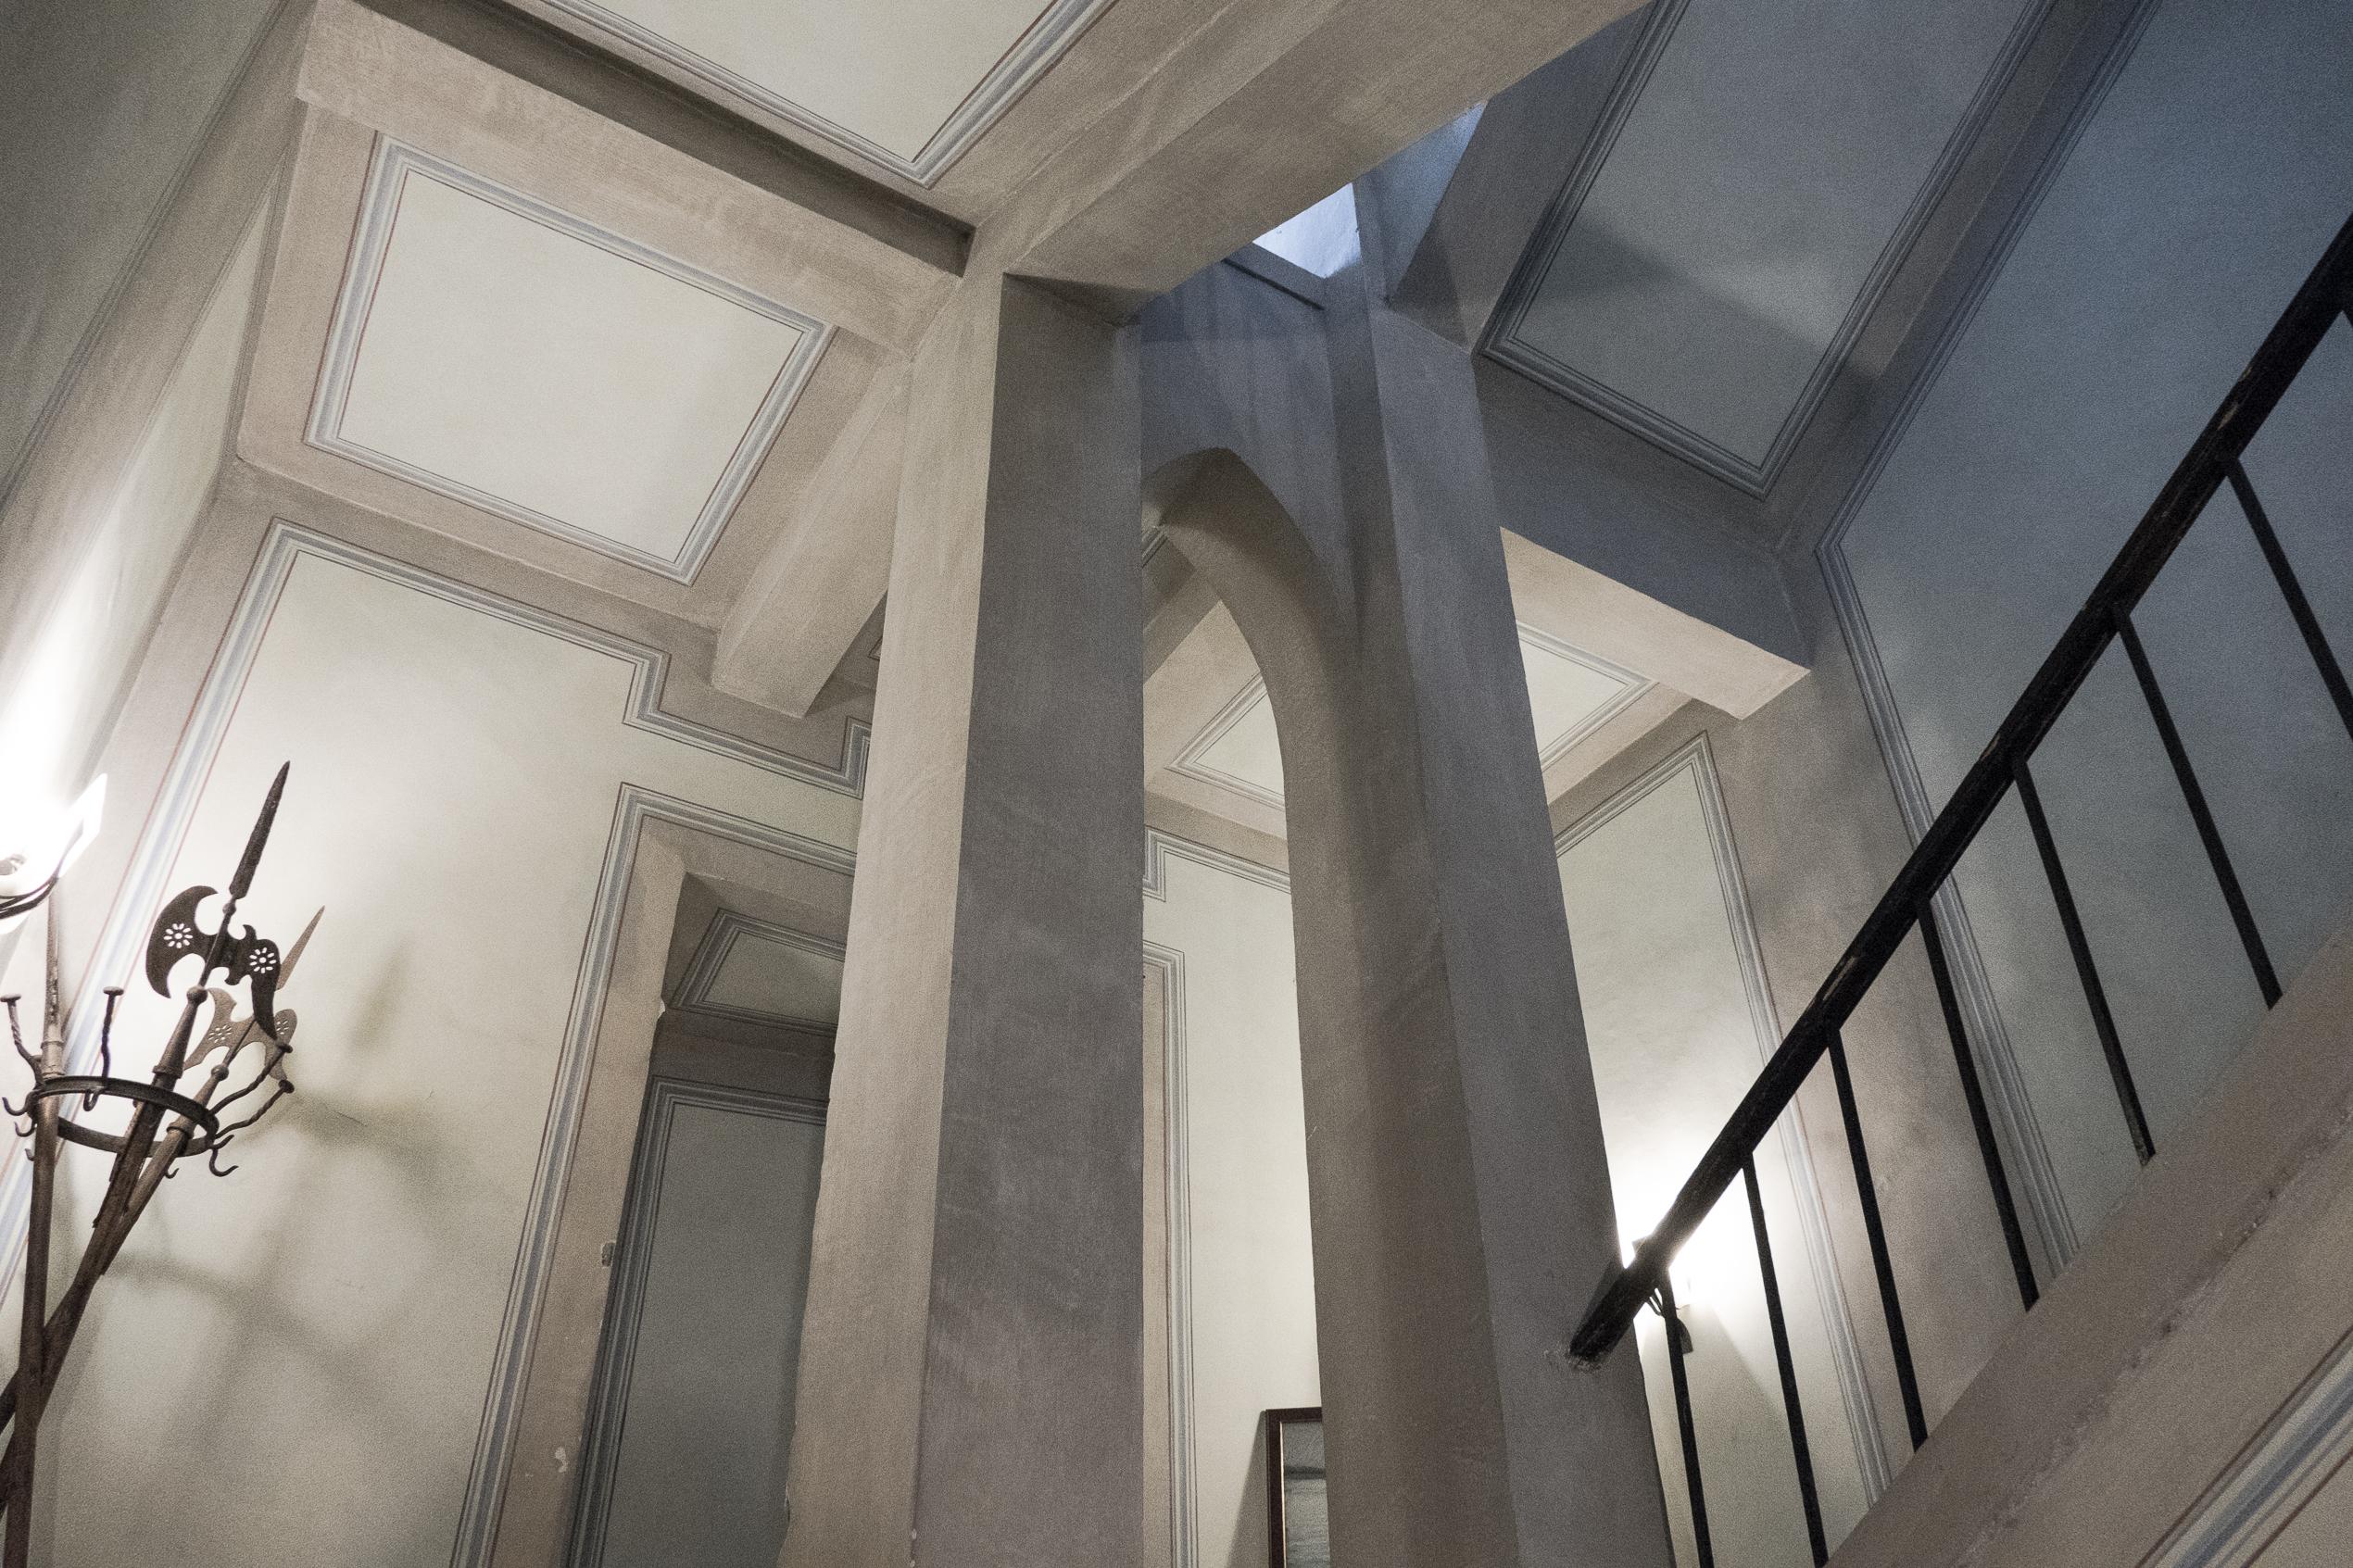 Capalbio – Castello Aldobrandesco Collacchioni